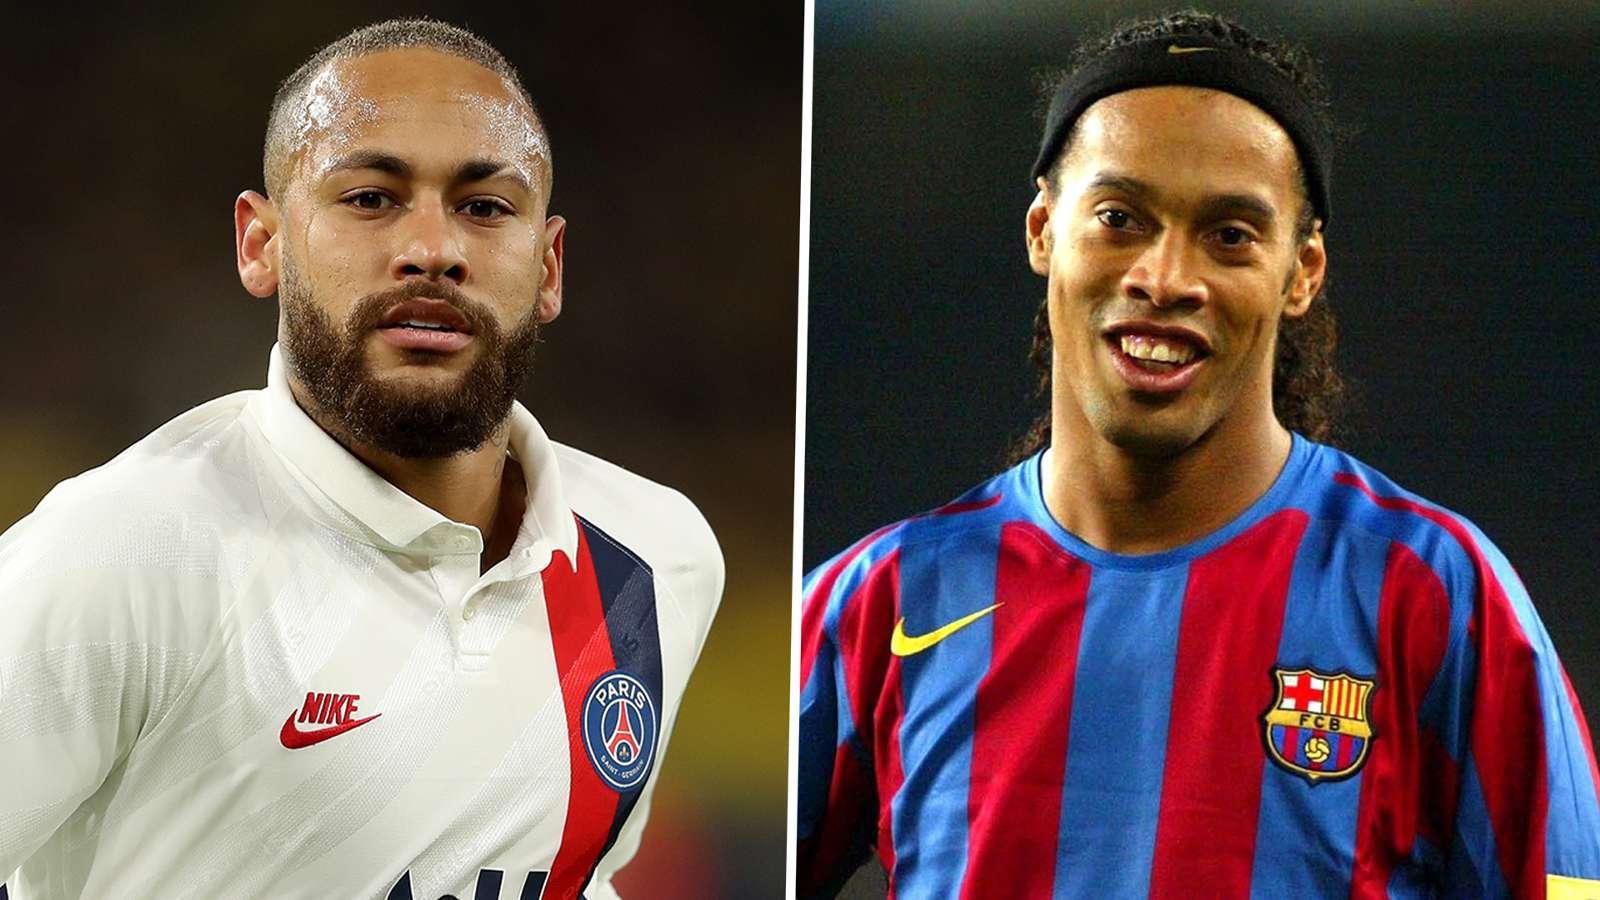 Huyền thoại Barca so sánh Neymar cùng đẳng cấp với Ronaldinho